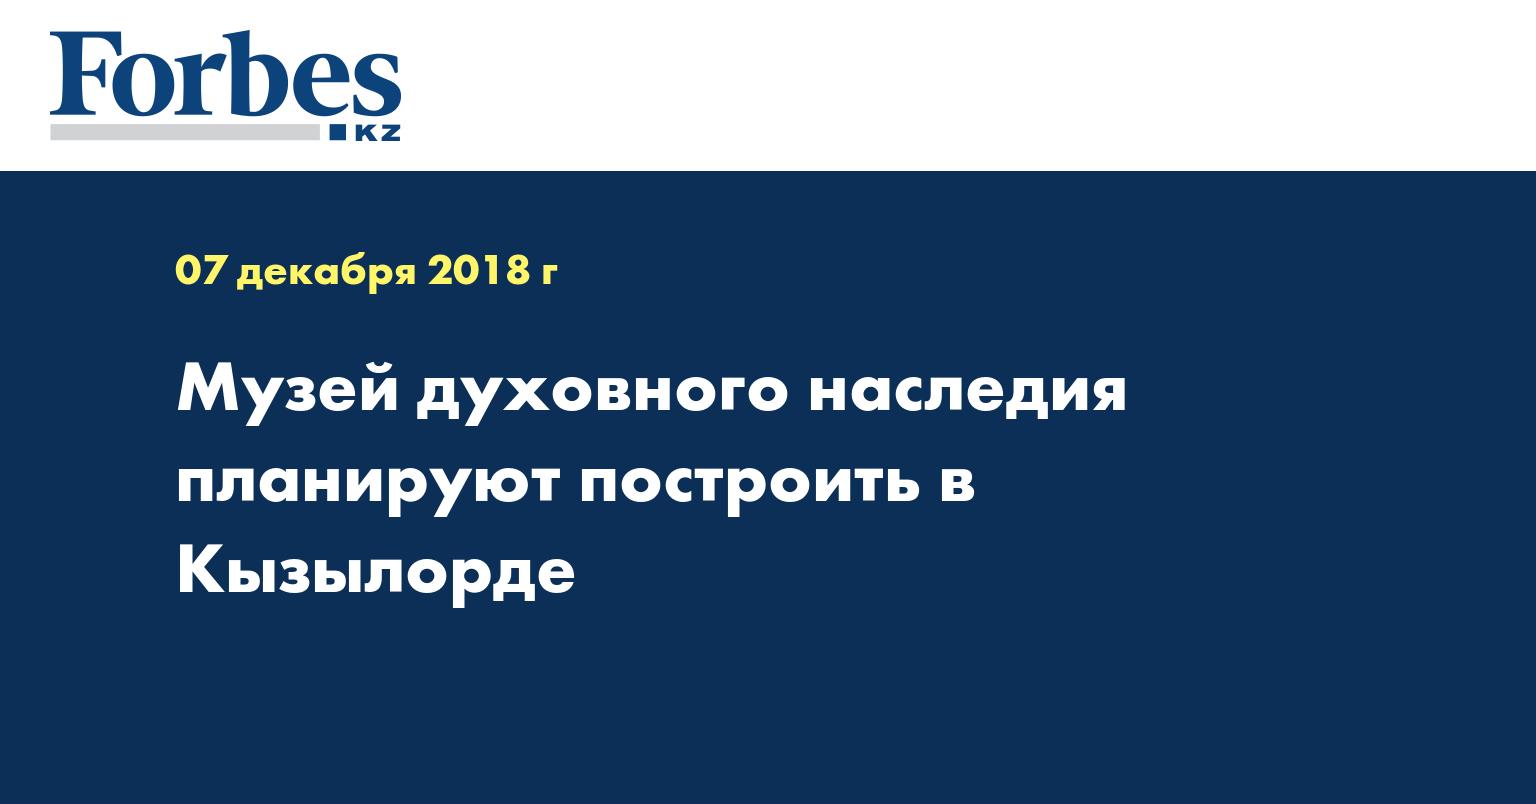 Музей духовного наследия планируют построить в Кызылорде